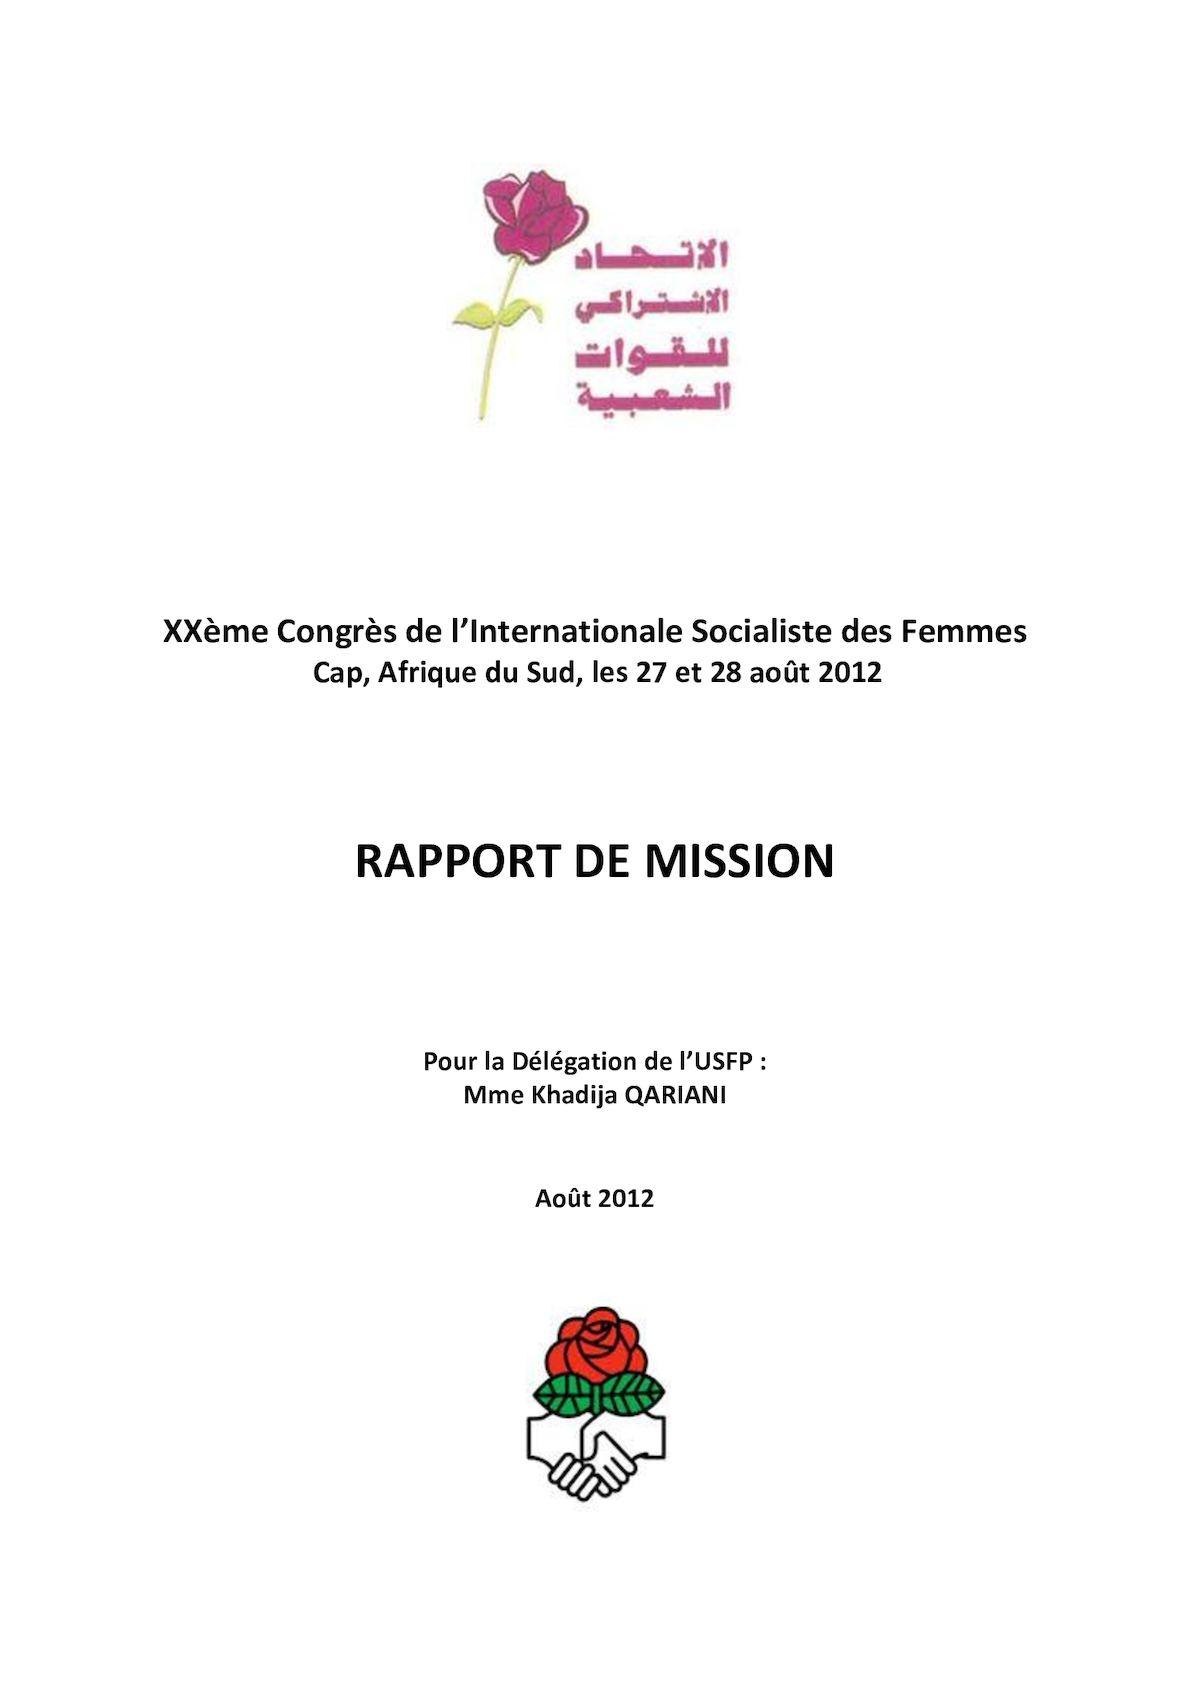 Rapport Mission Khadija QARIANI (3).